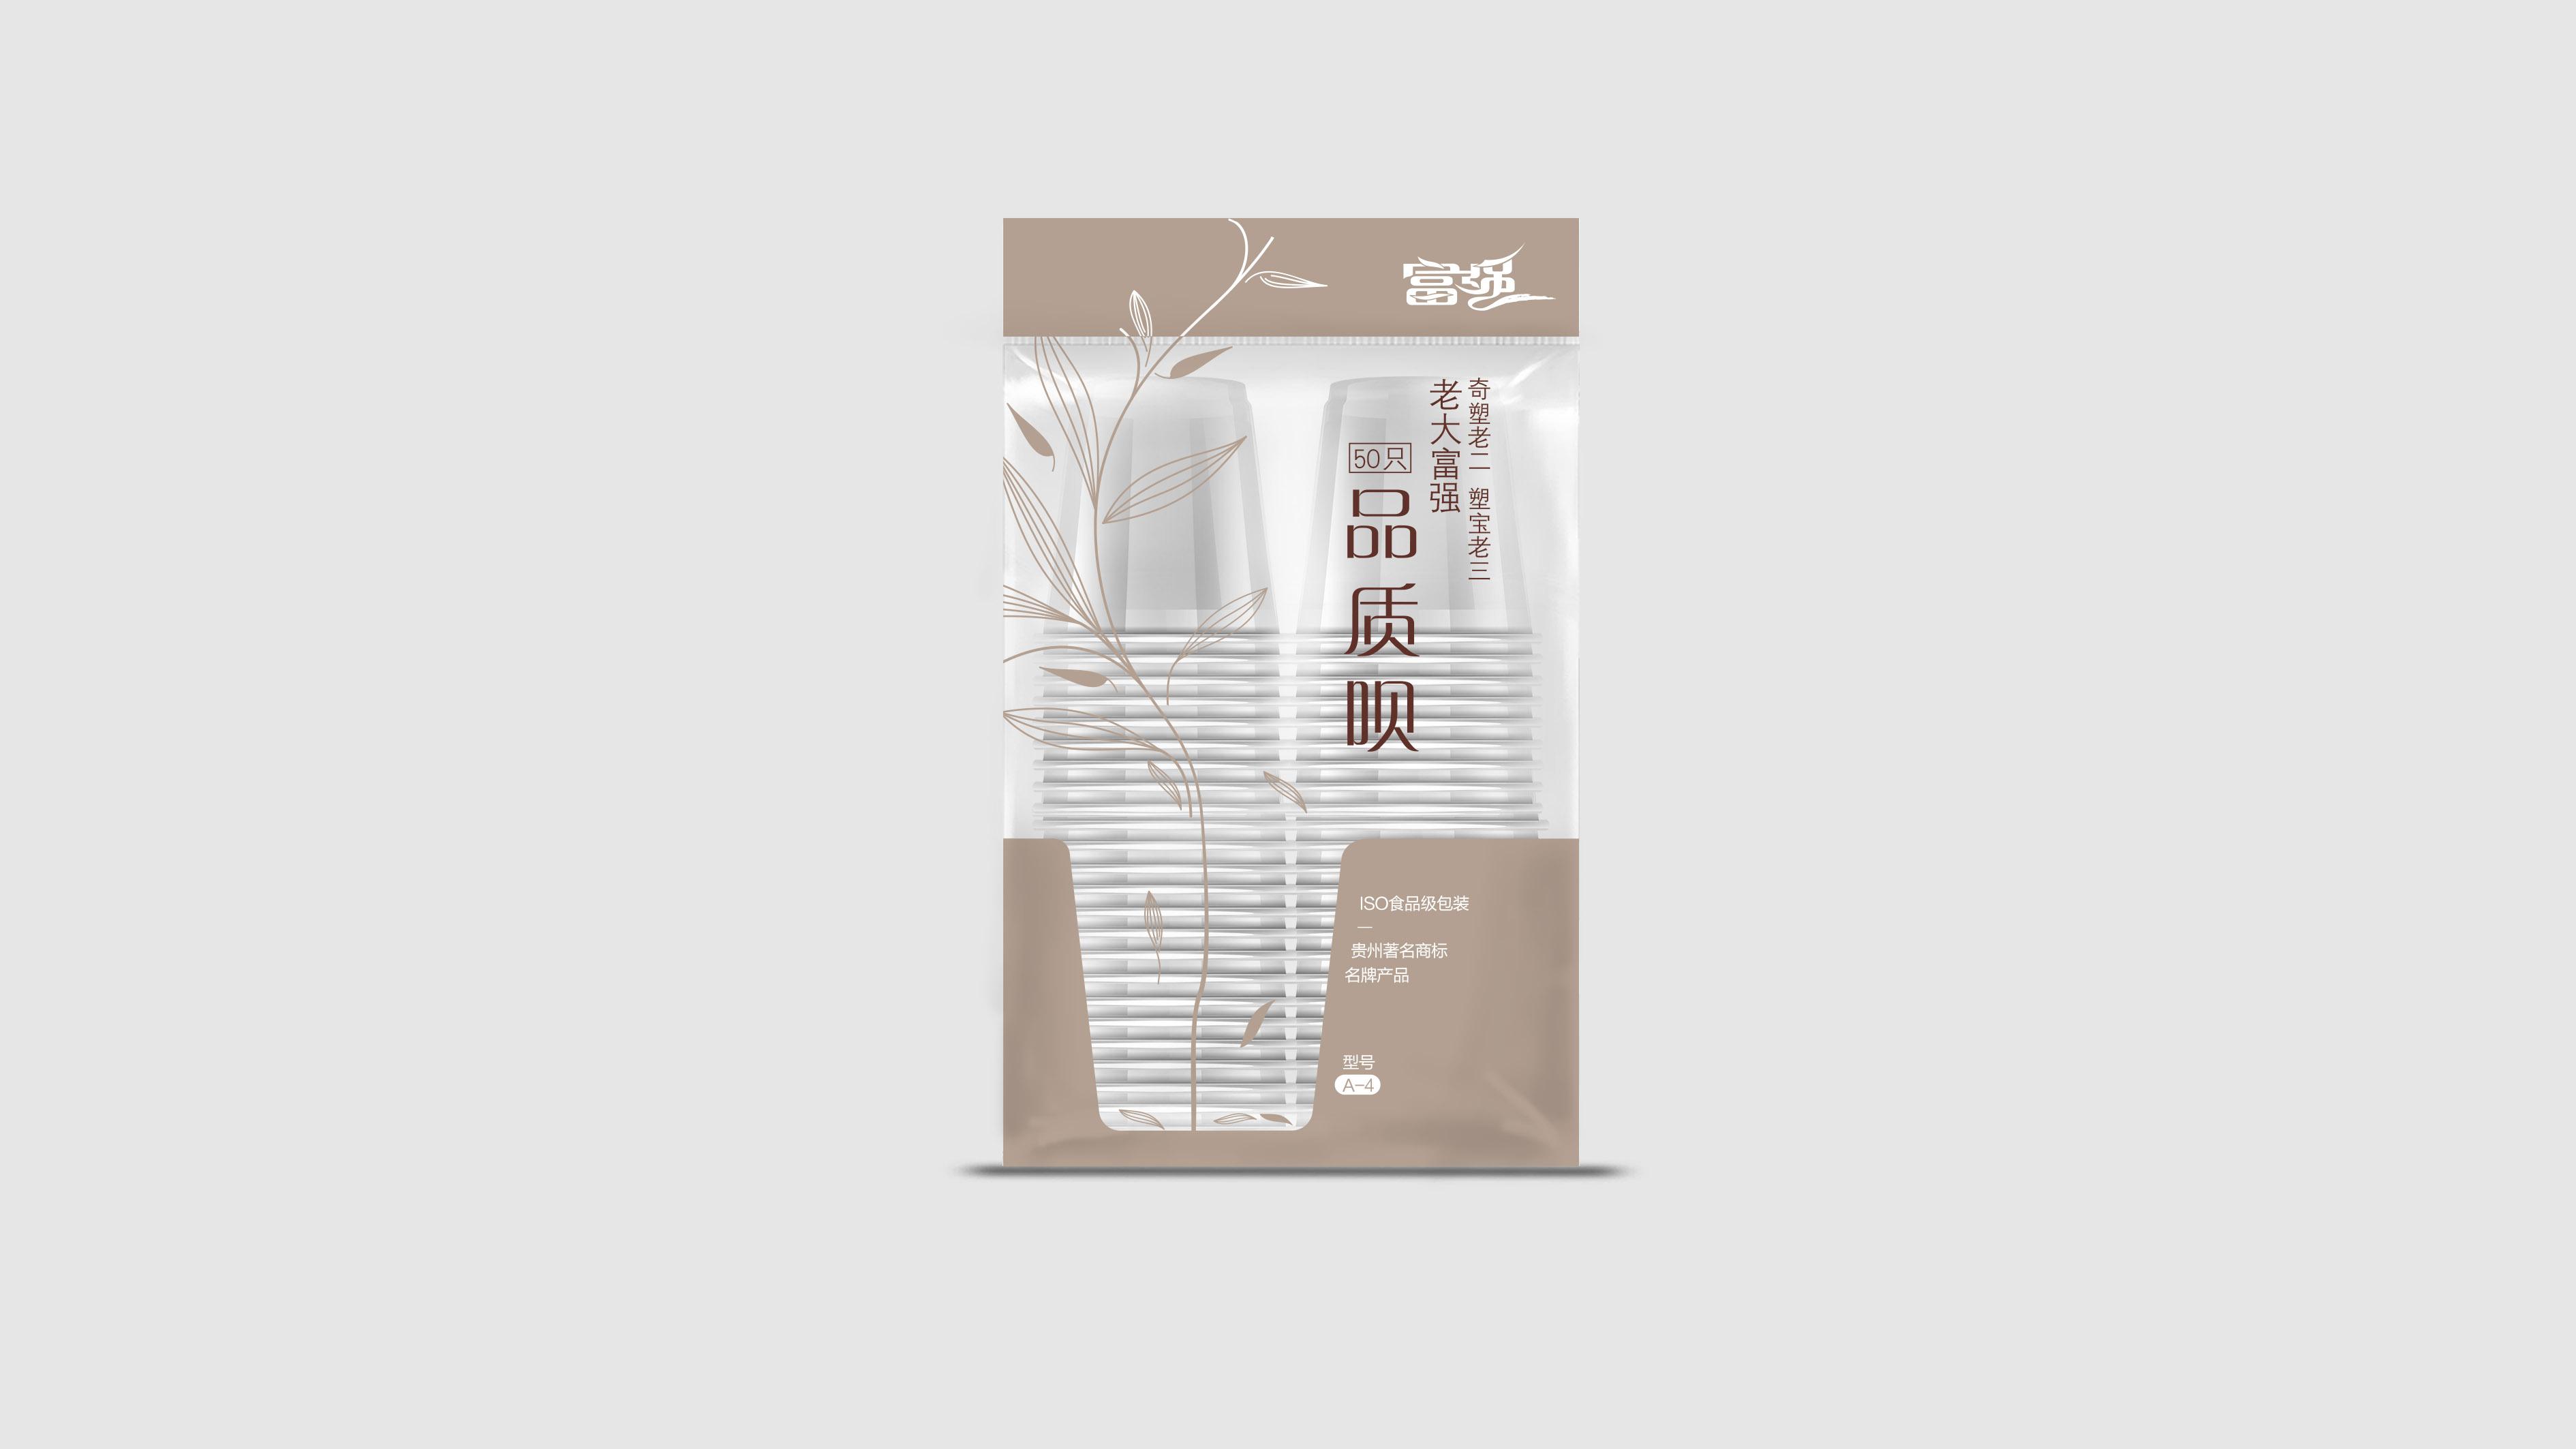 富强产品包装设计